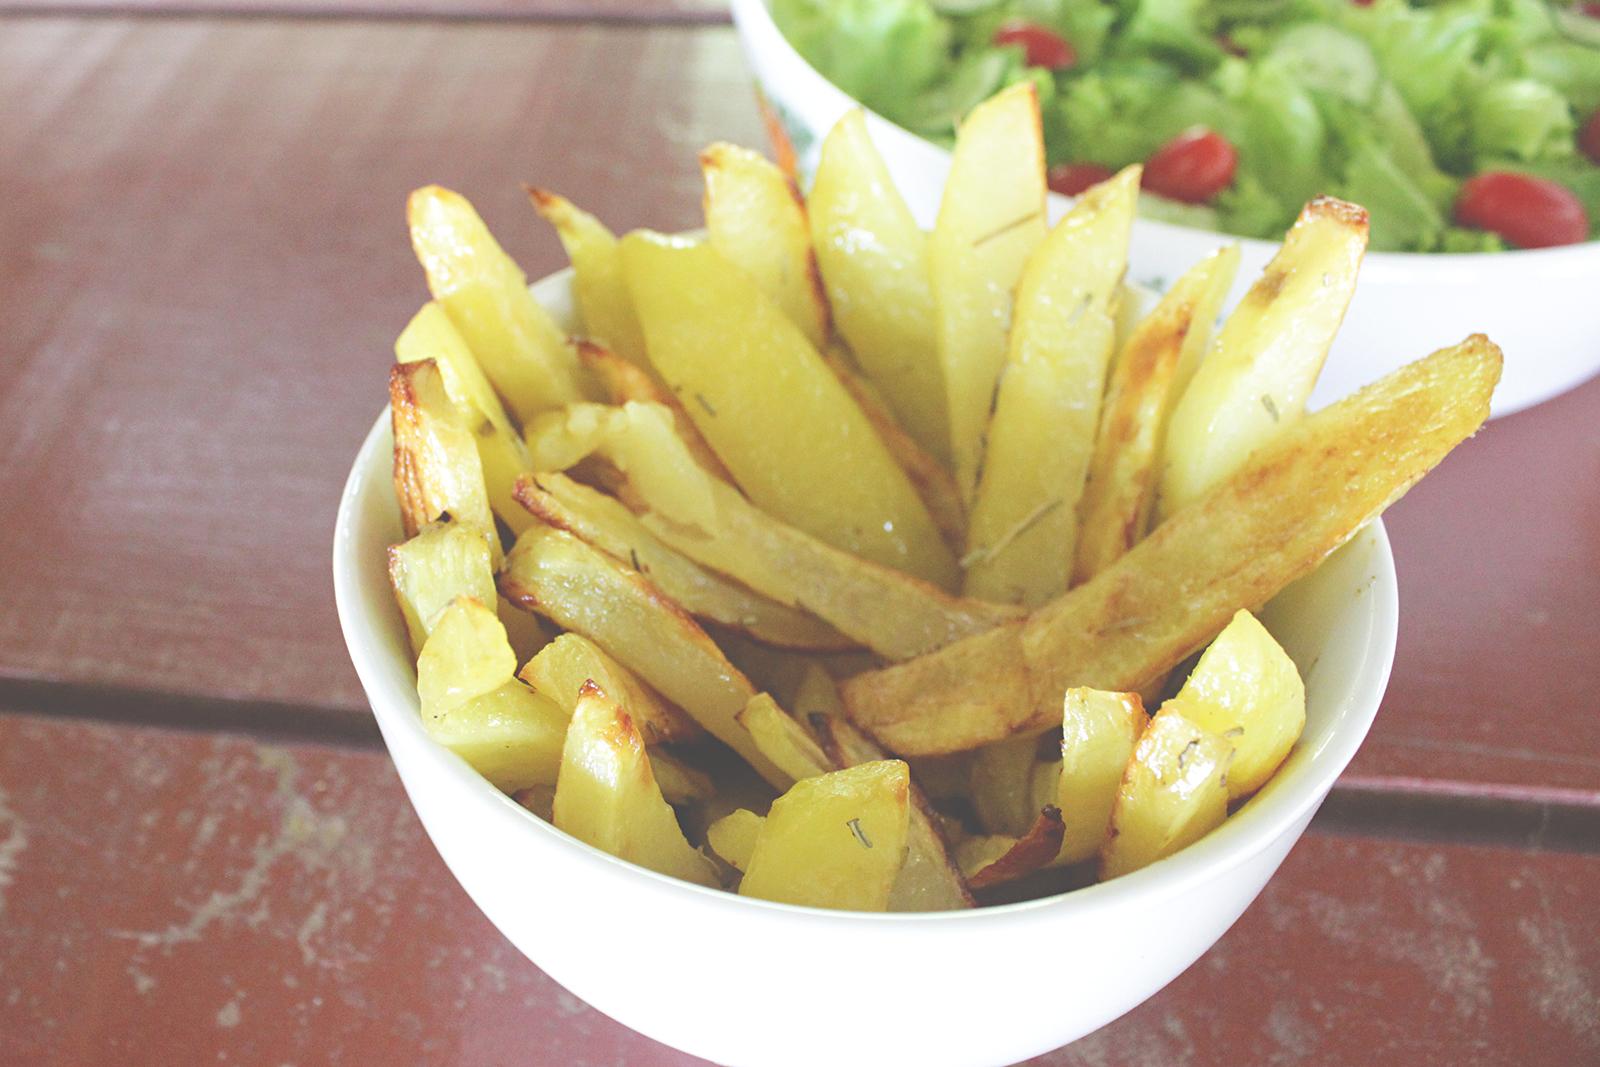 batata rústica 5 Comfy Foods